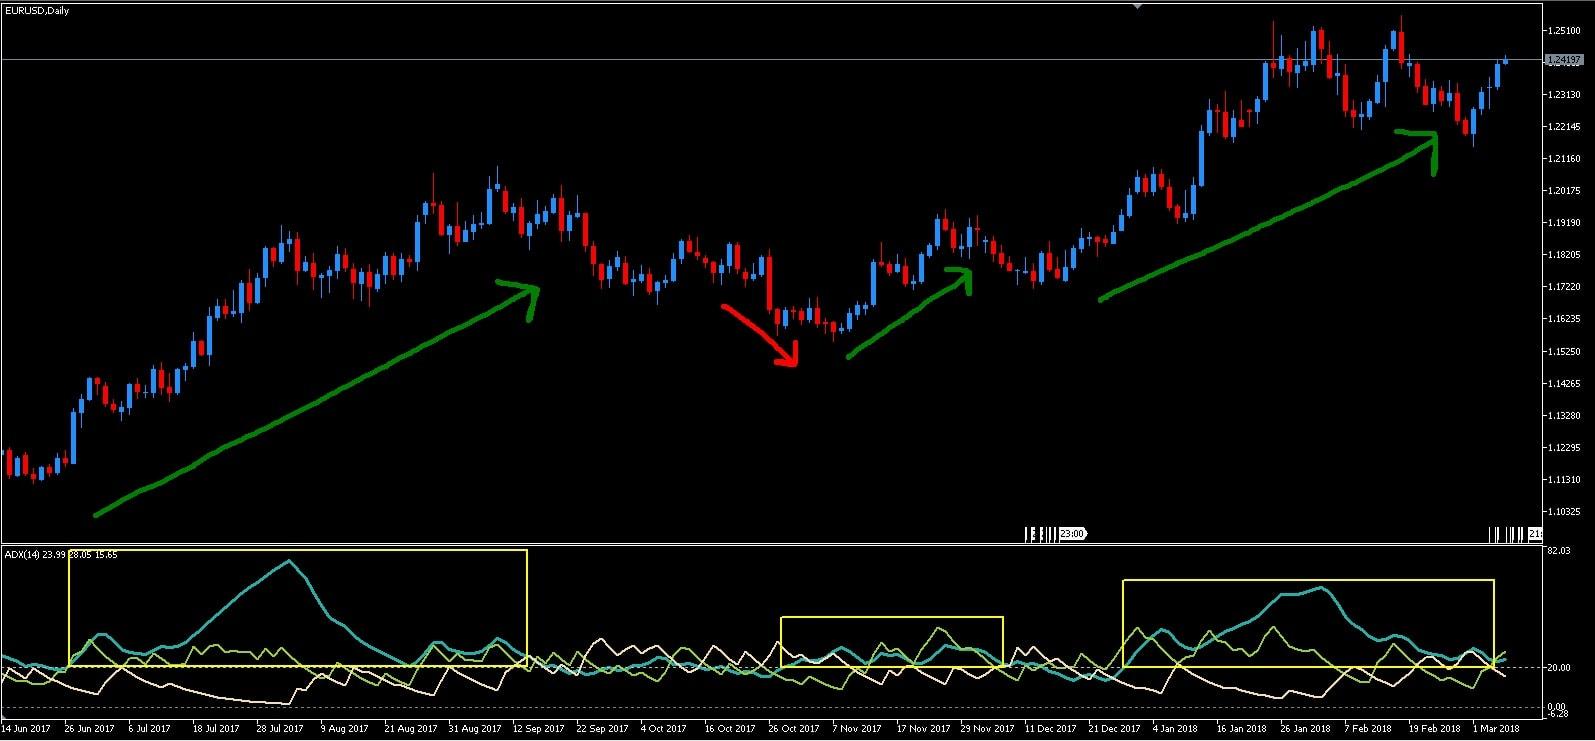 Indicateur de volatilité ADX